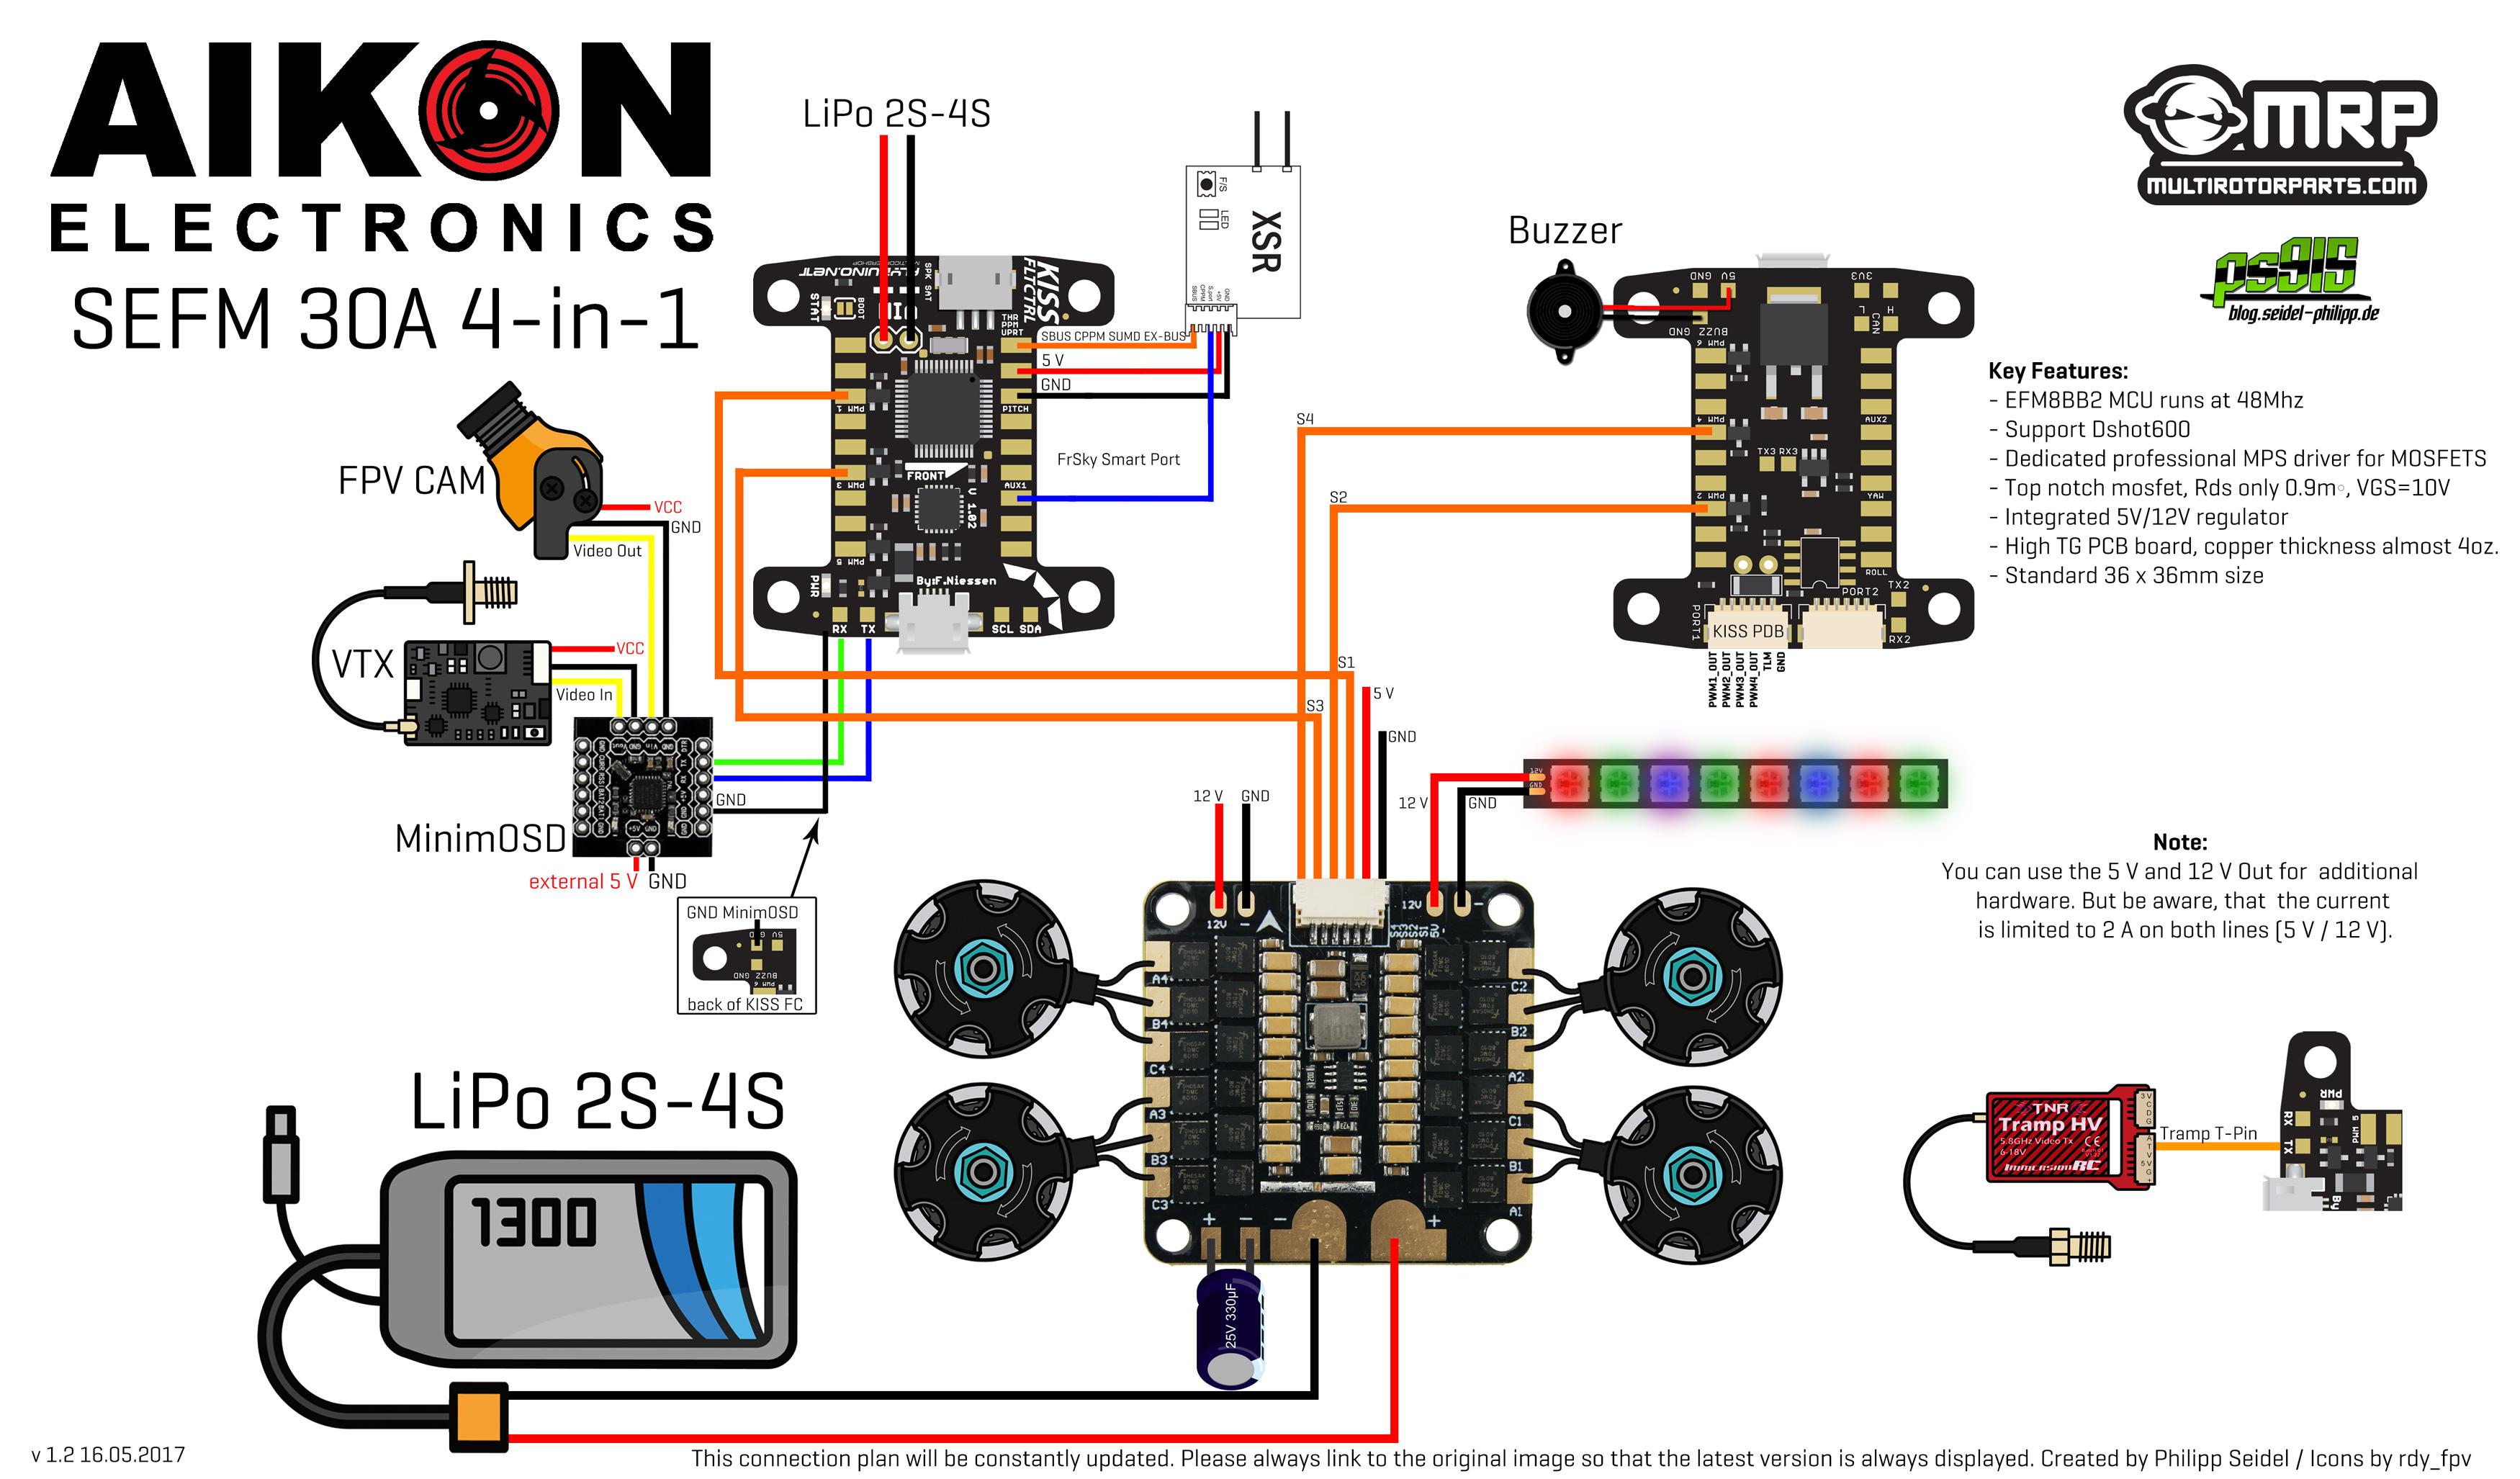 lumenier rgb led wiring diagram on badlands logo, badlands illuminator  diagram, badlands winch remote